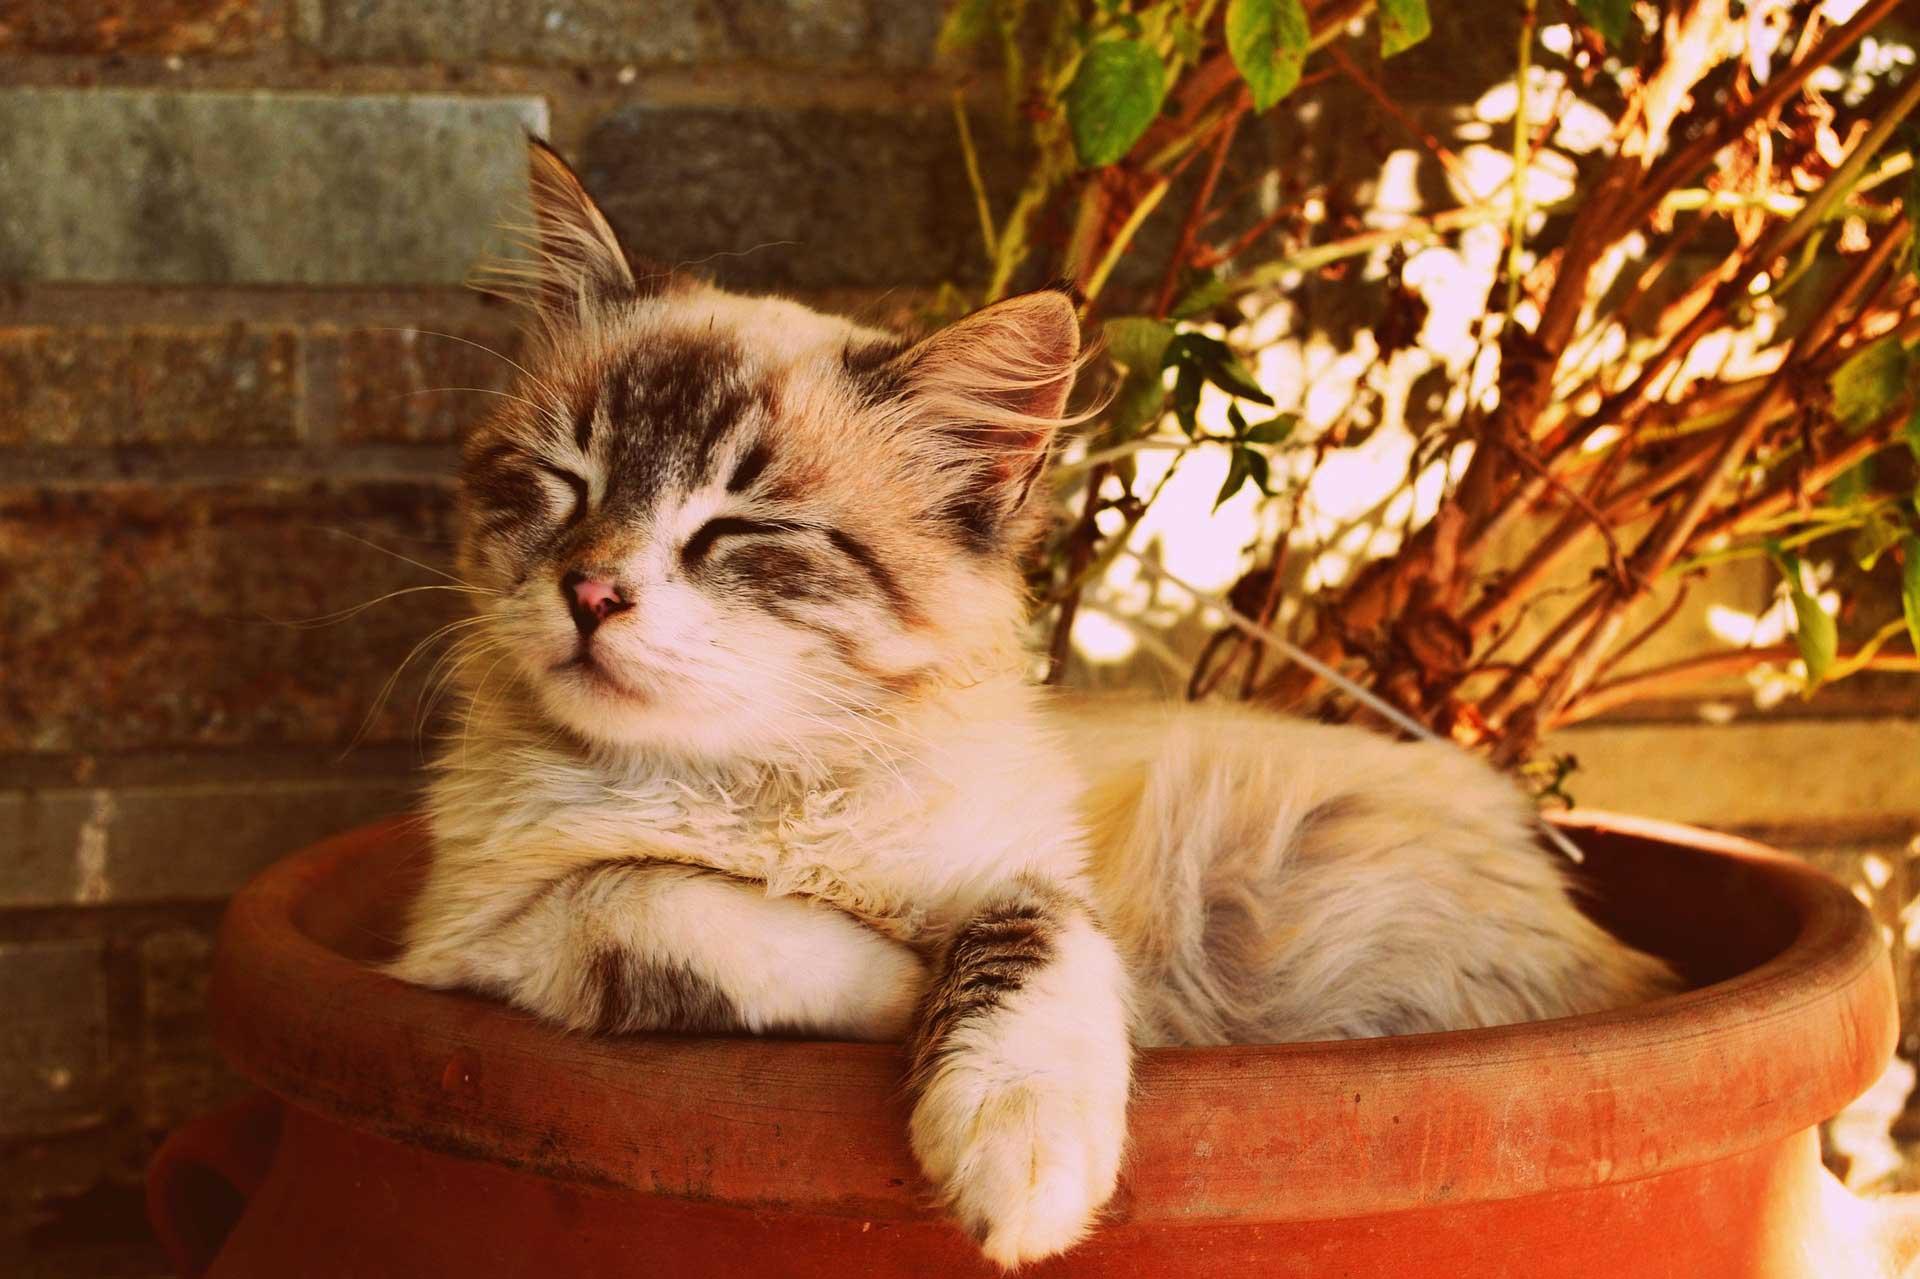 hình ảnh mèo dễ thương, cute